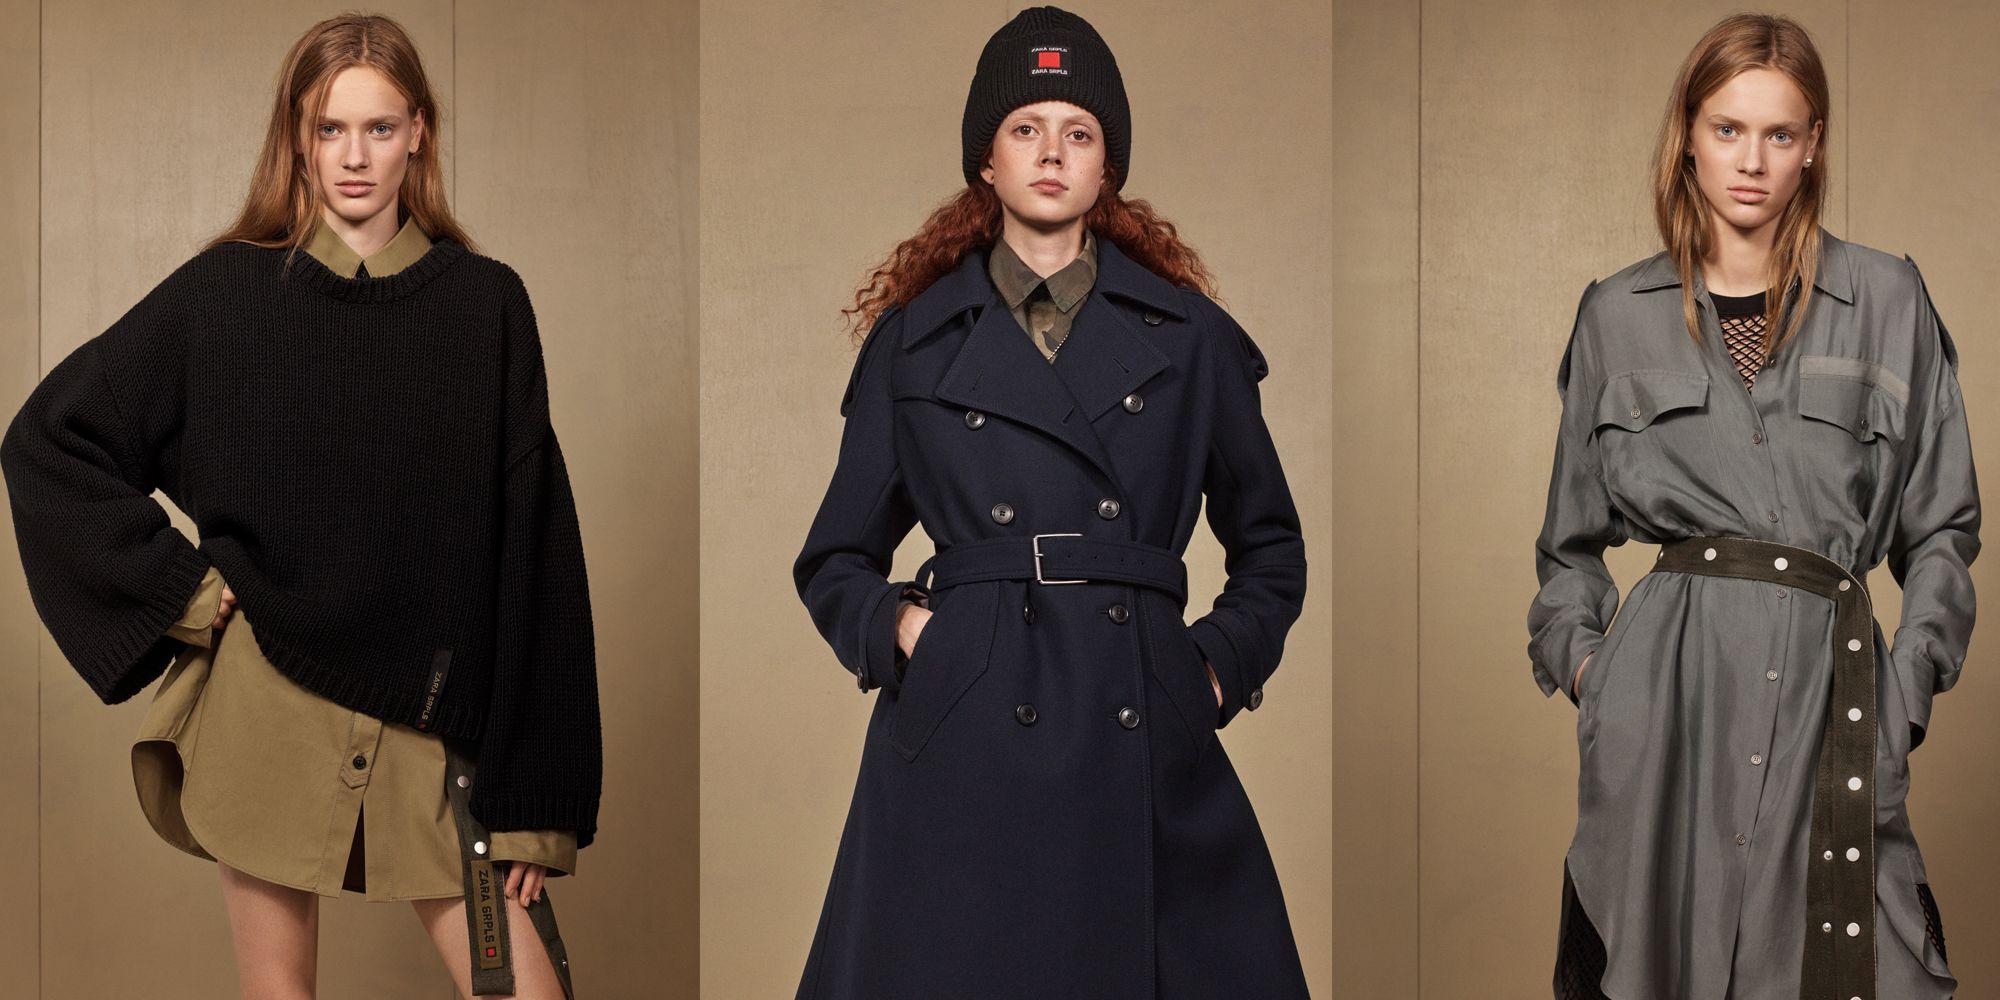 e712efd94e59 Zara lanza SRPLS su primera colección exclusiva y limitada de inspiración  militar - Zara lanza su colección más exclusiva y limitada